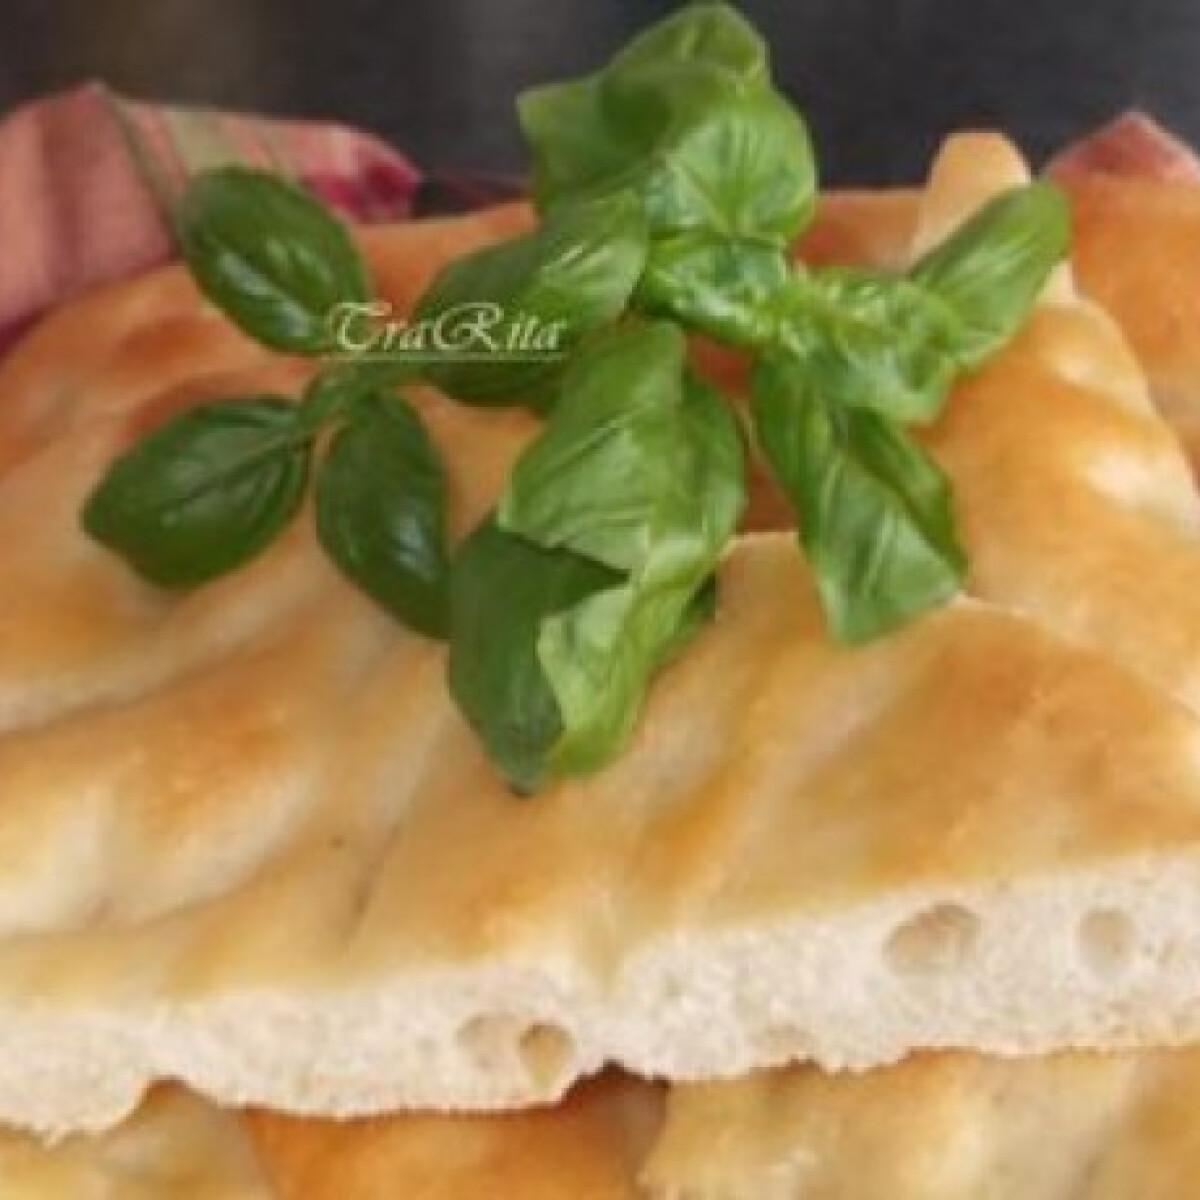 Ezen a képen: Focaccia TraRita konyhájából